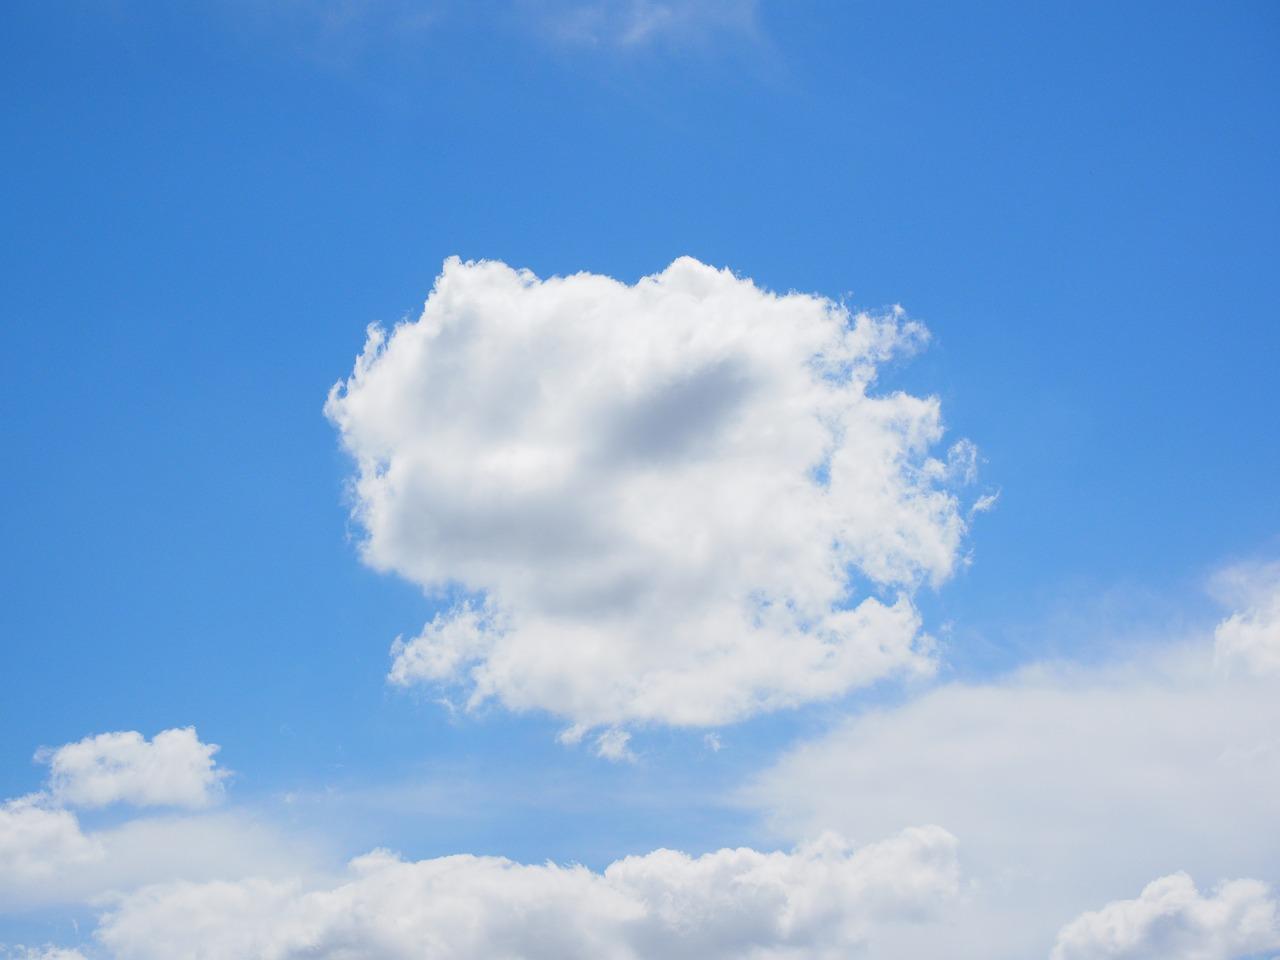 weer, klimaat, gemiddelde, temperatuur, maximale, minimale, klimaat, el arenal, mallorca